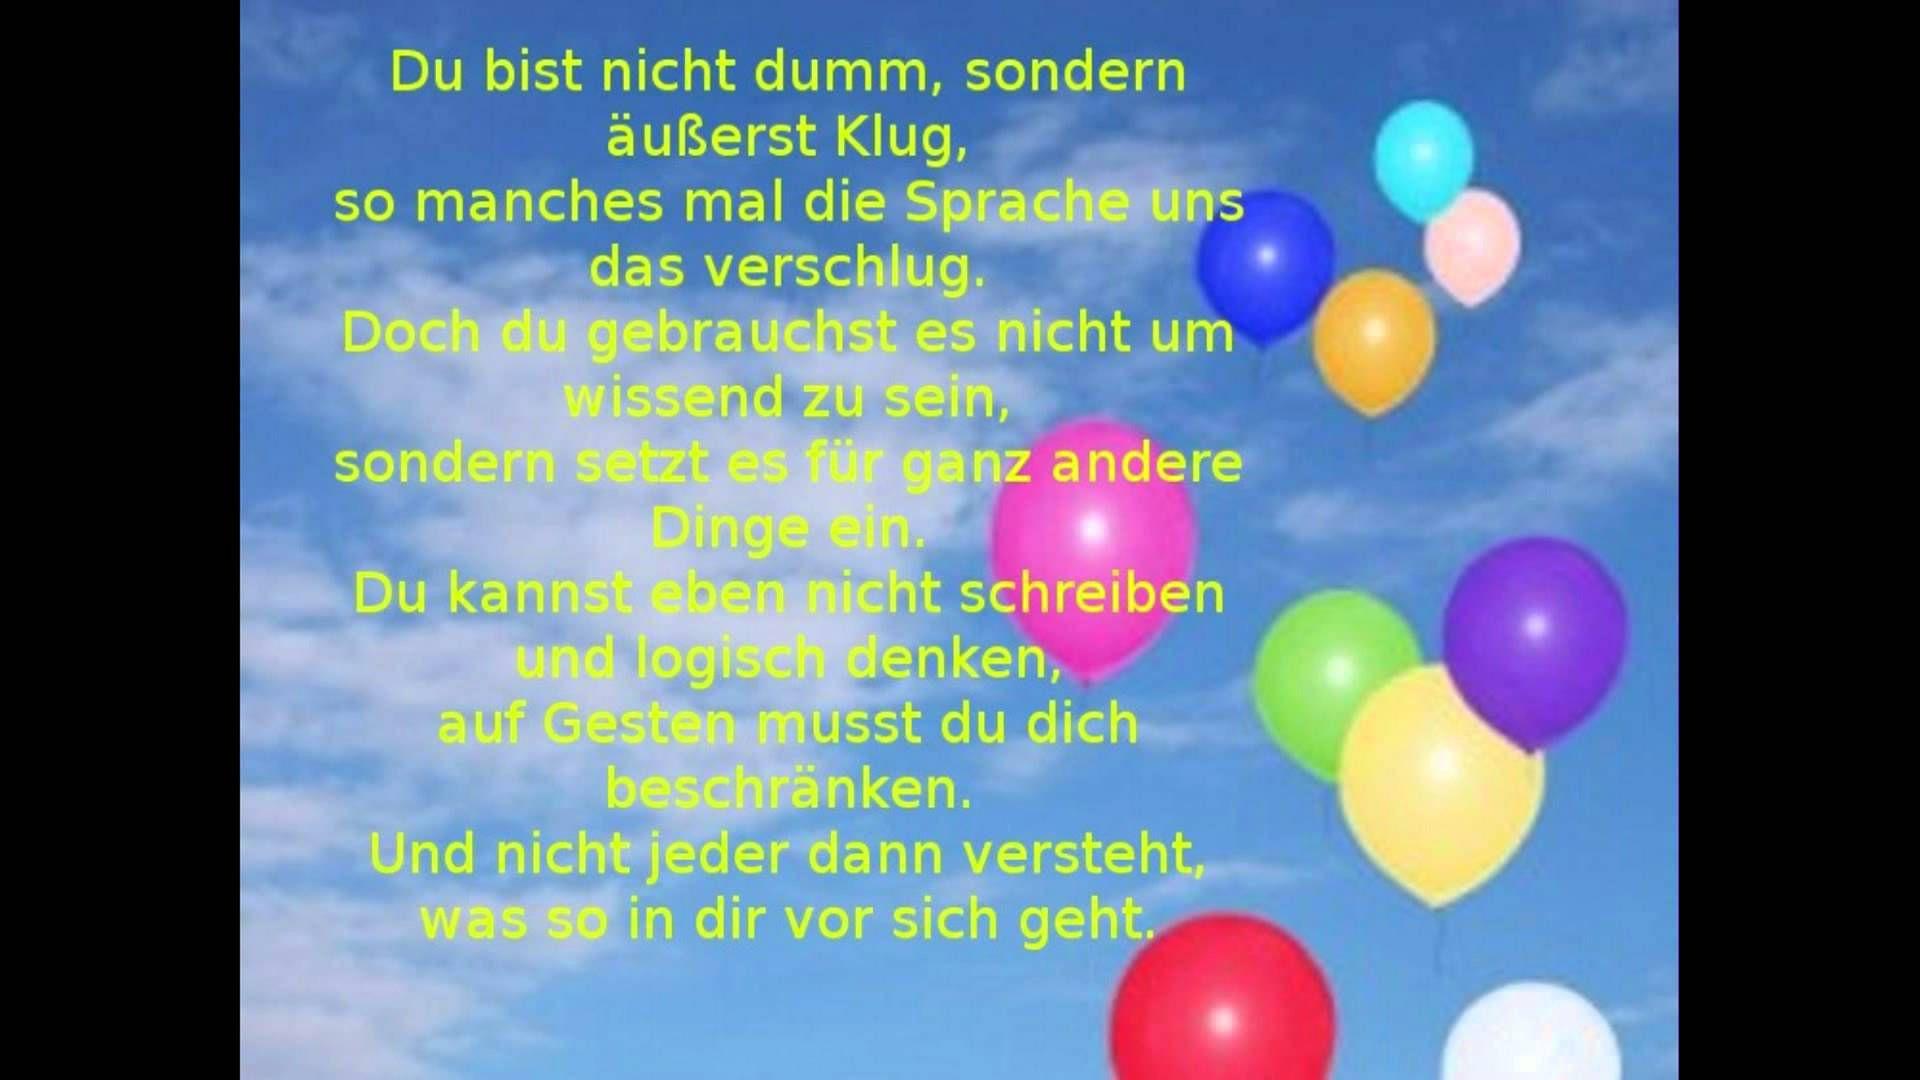 Geburtstagswünsche Zum 9 Geburtstag  Alles Gute Zum Geburtstag Sprüche Lustig